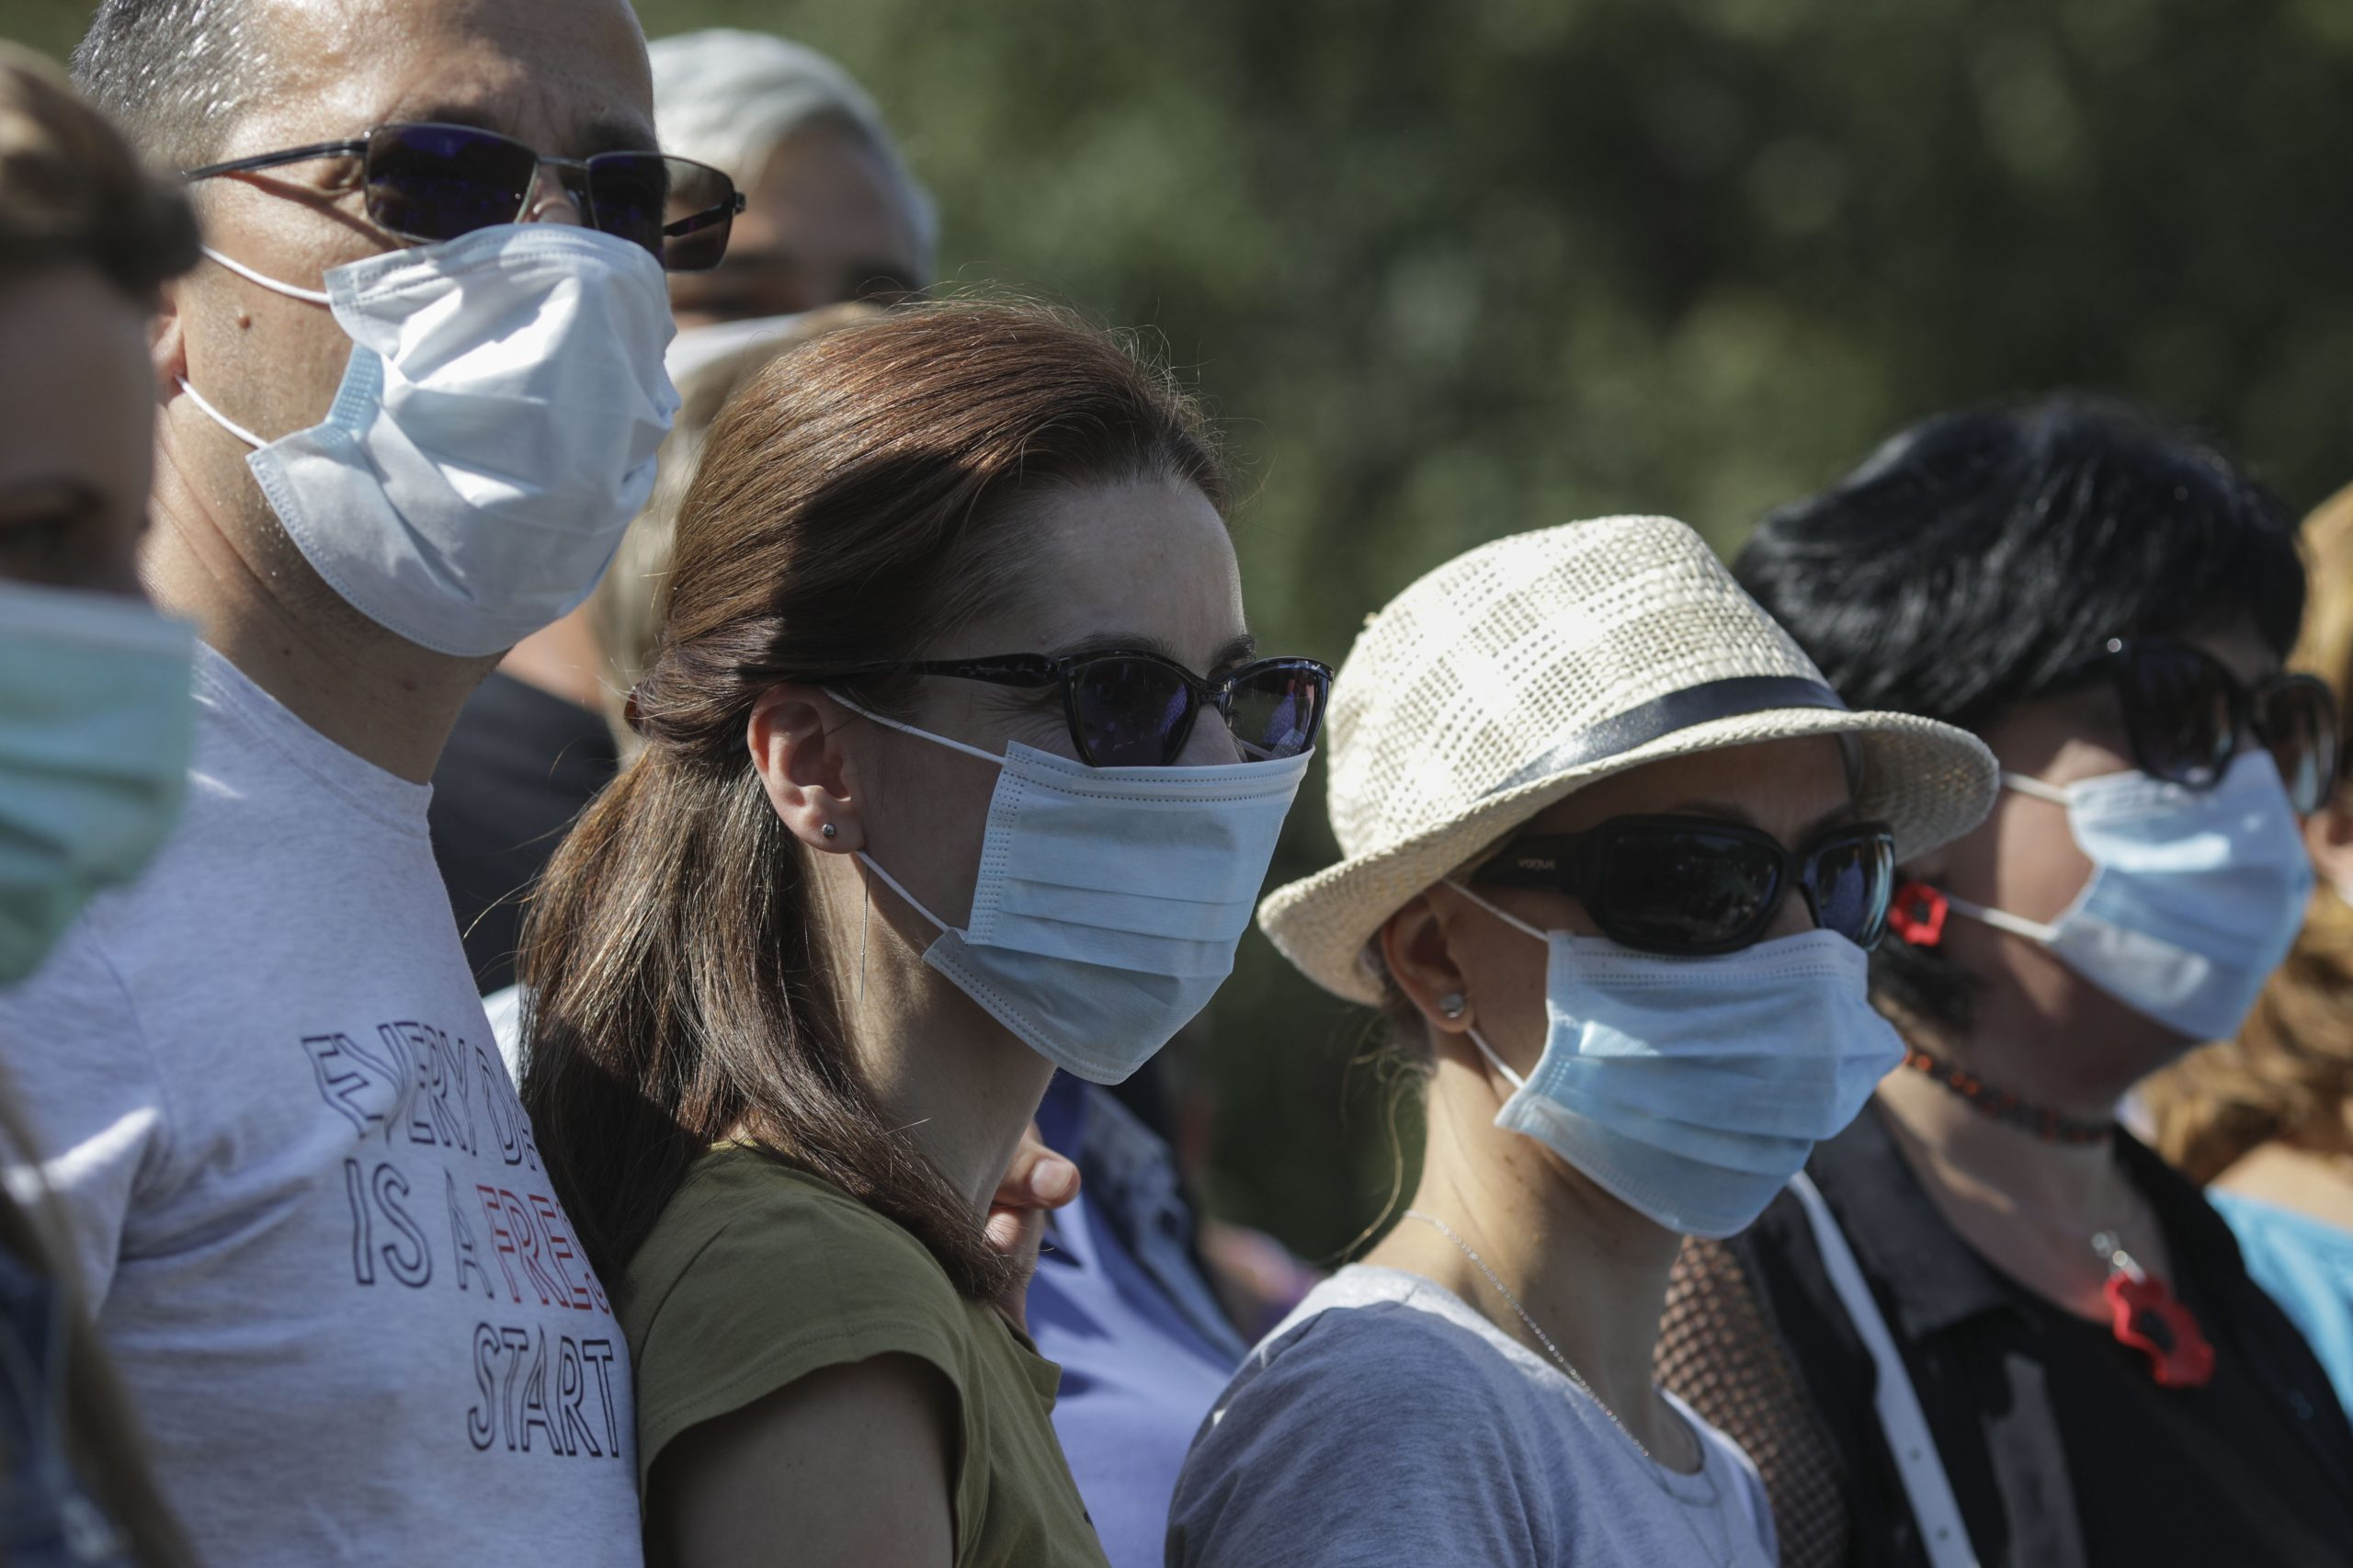 Poliția a început controalele privind masca de protecție în București. Problema este că legea nu-i clară și riști amenzi maxime de 2.500 de lei